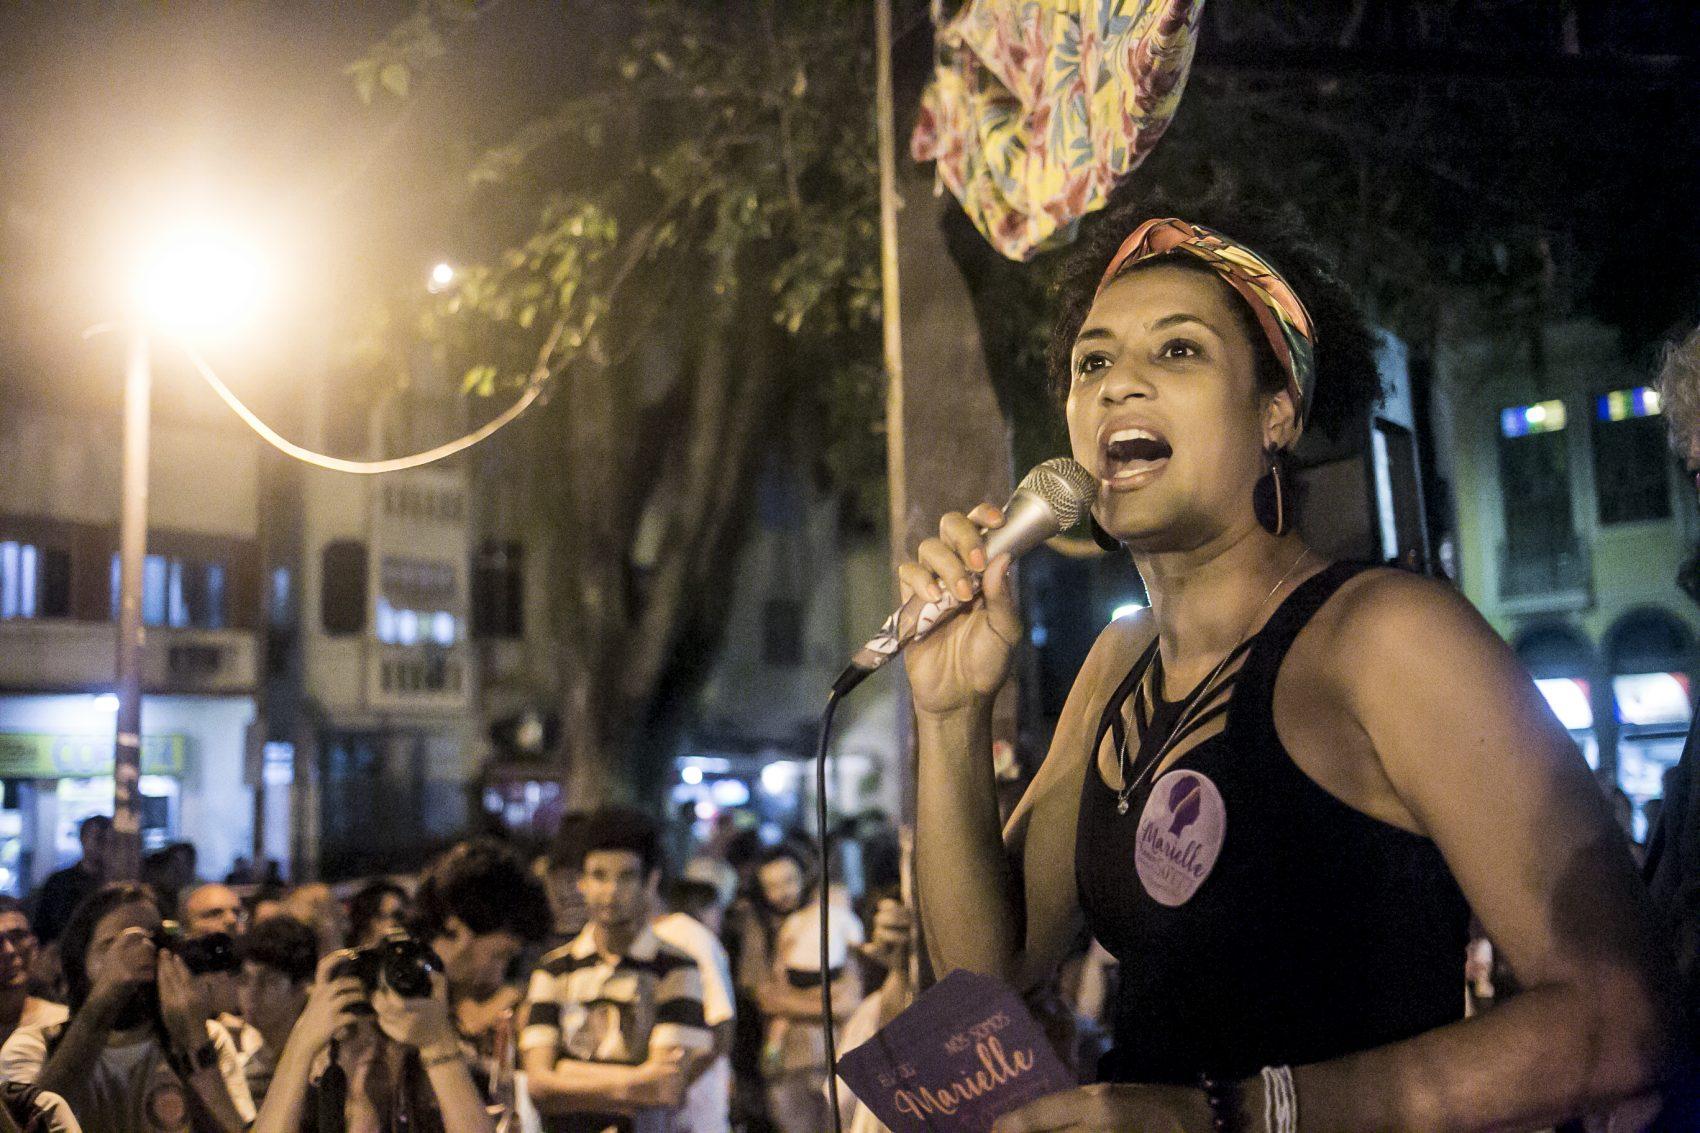 Por seu ativismo em defesa dos direitos humanos e contra a violência, Marielle foi assassinada em março de 2018, no Rio